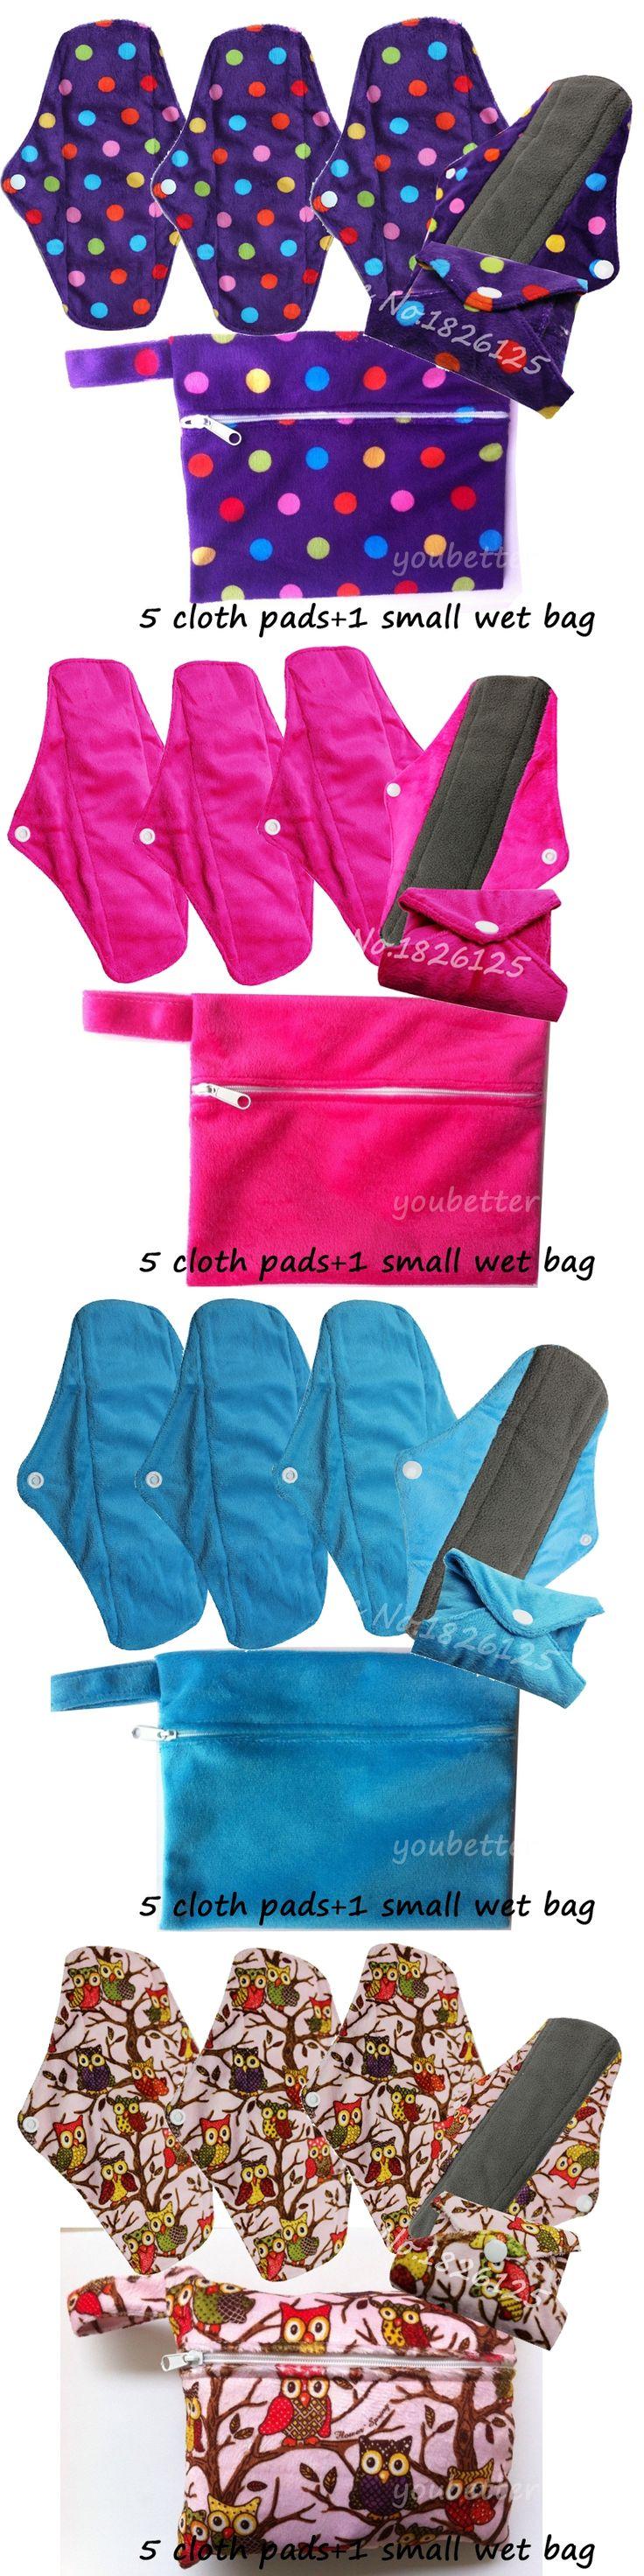 Regular Charcoal Bamboo Sanitary Pads Reusable Mama Cloth Menstrual Pads WIth One Sanitary Napkin Bag